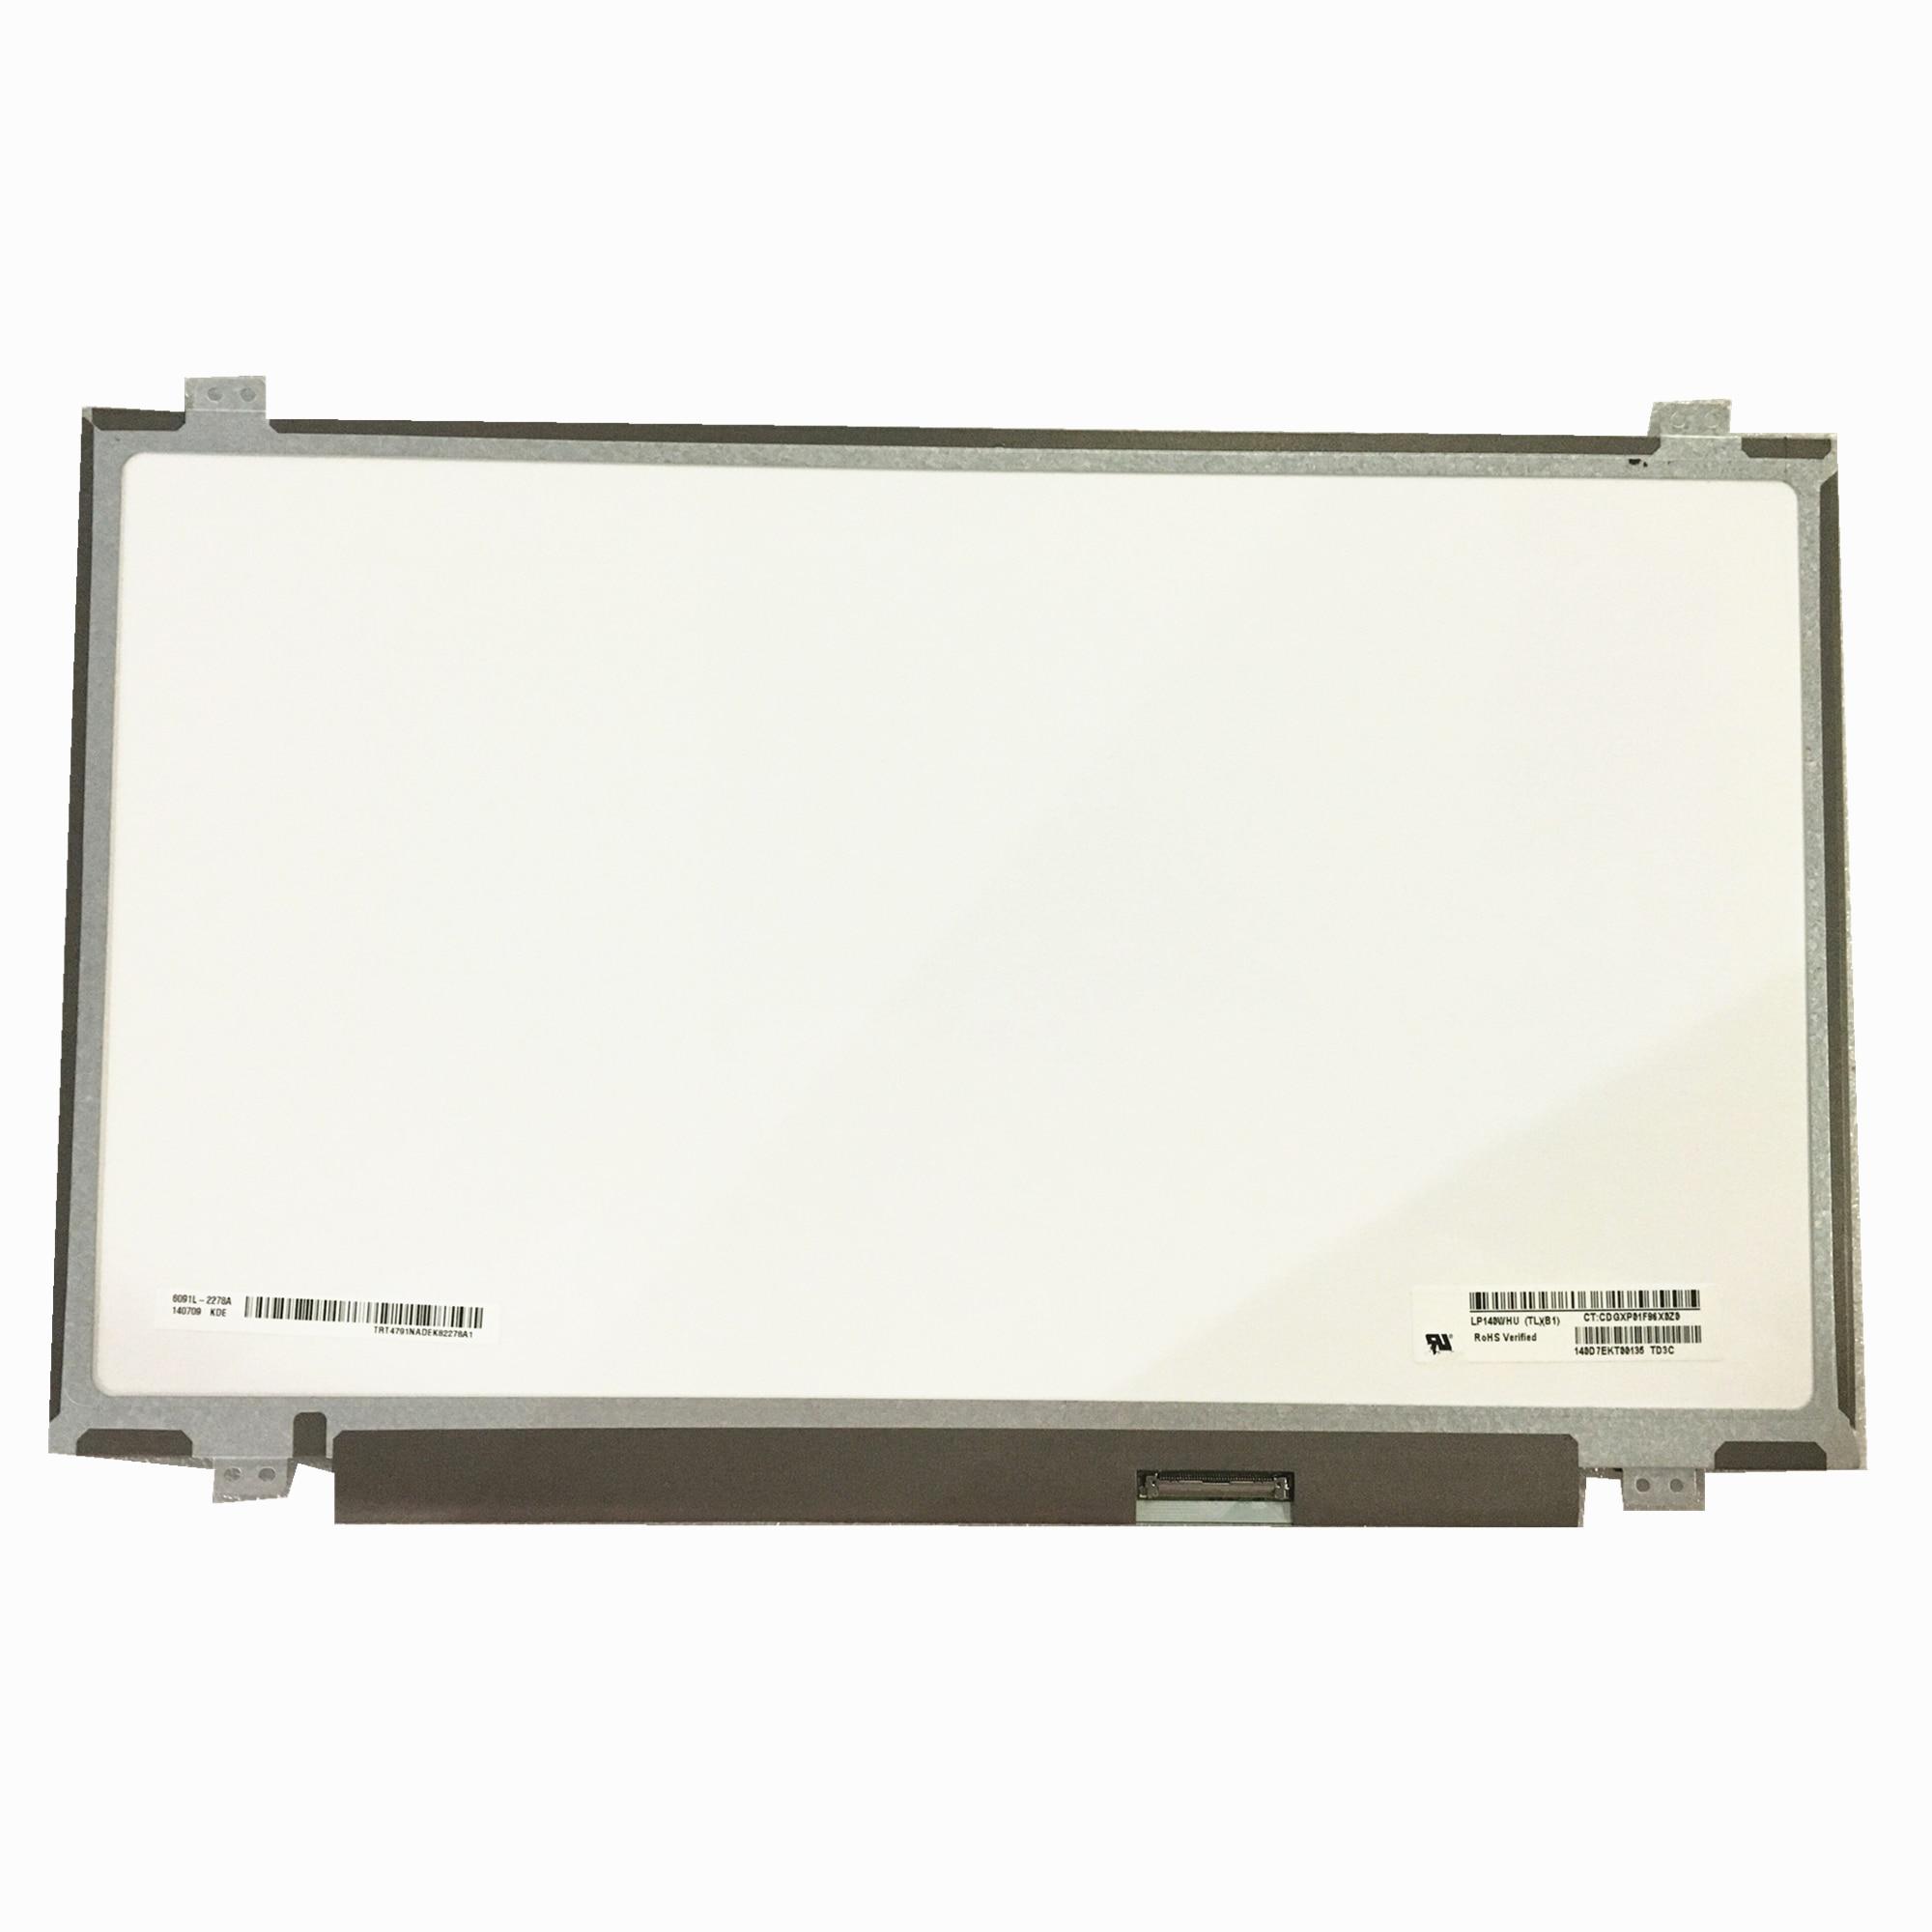 Free shipping LP140WHU TLB1 M140NWR1 R0 N140BGE L33 N140BGE L43 N140BGE LA3 14 0 inch Laptop